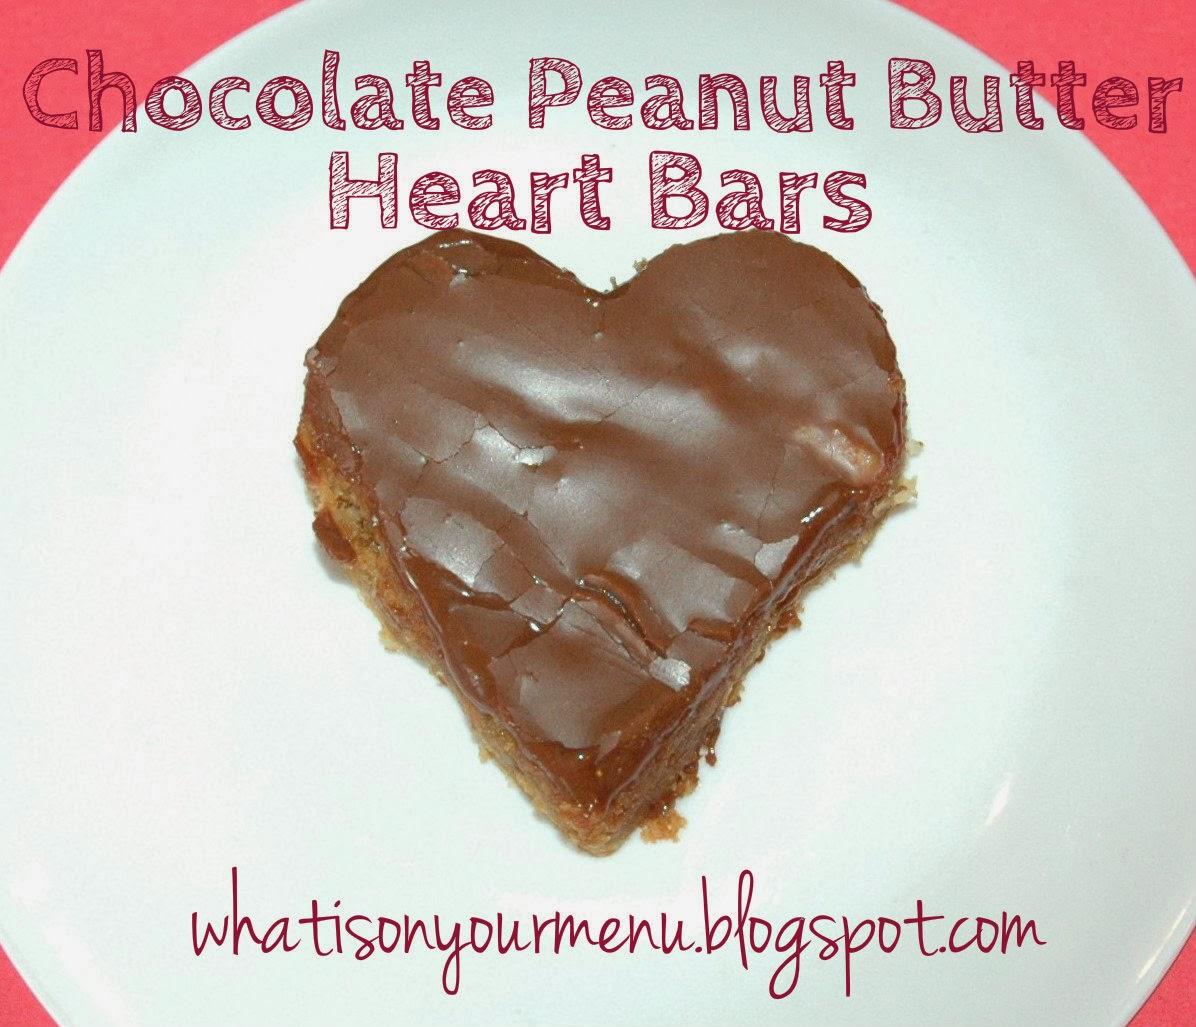 http://whatisonyourmenu.blogspot.com/2011/02/peanut-butter-heart-bars.html